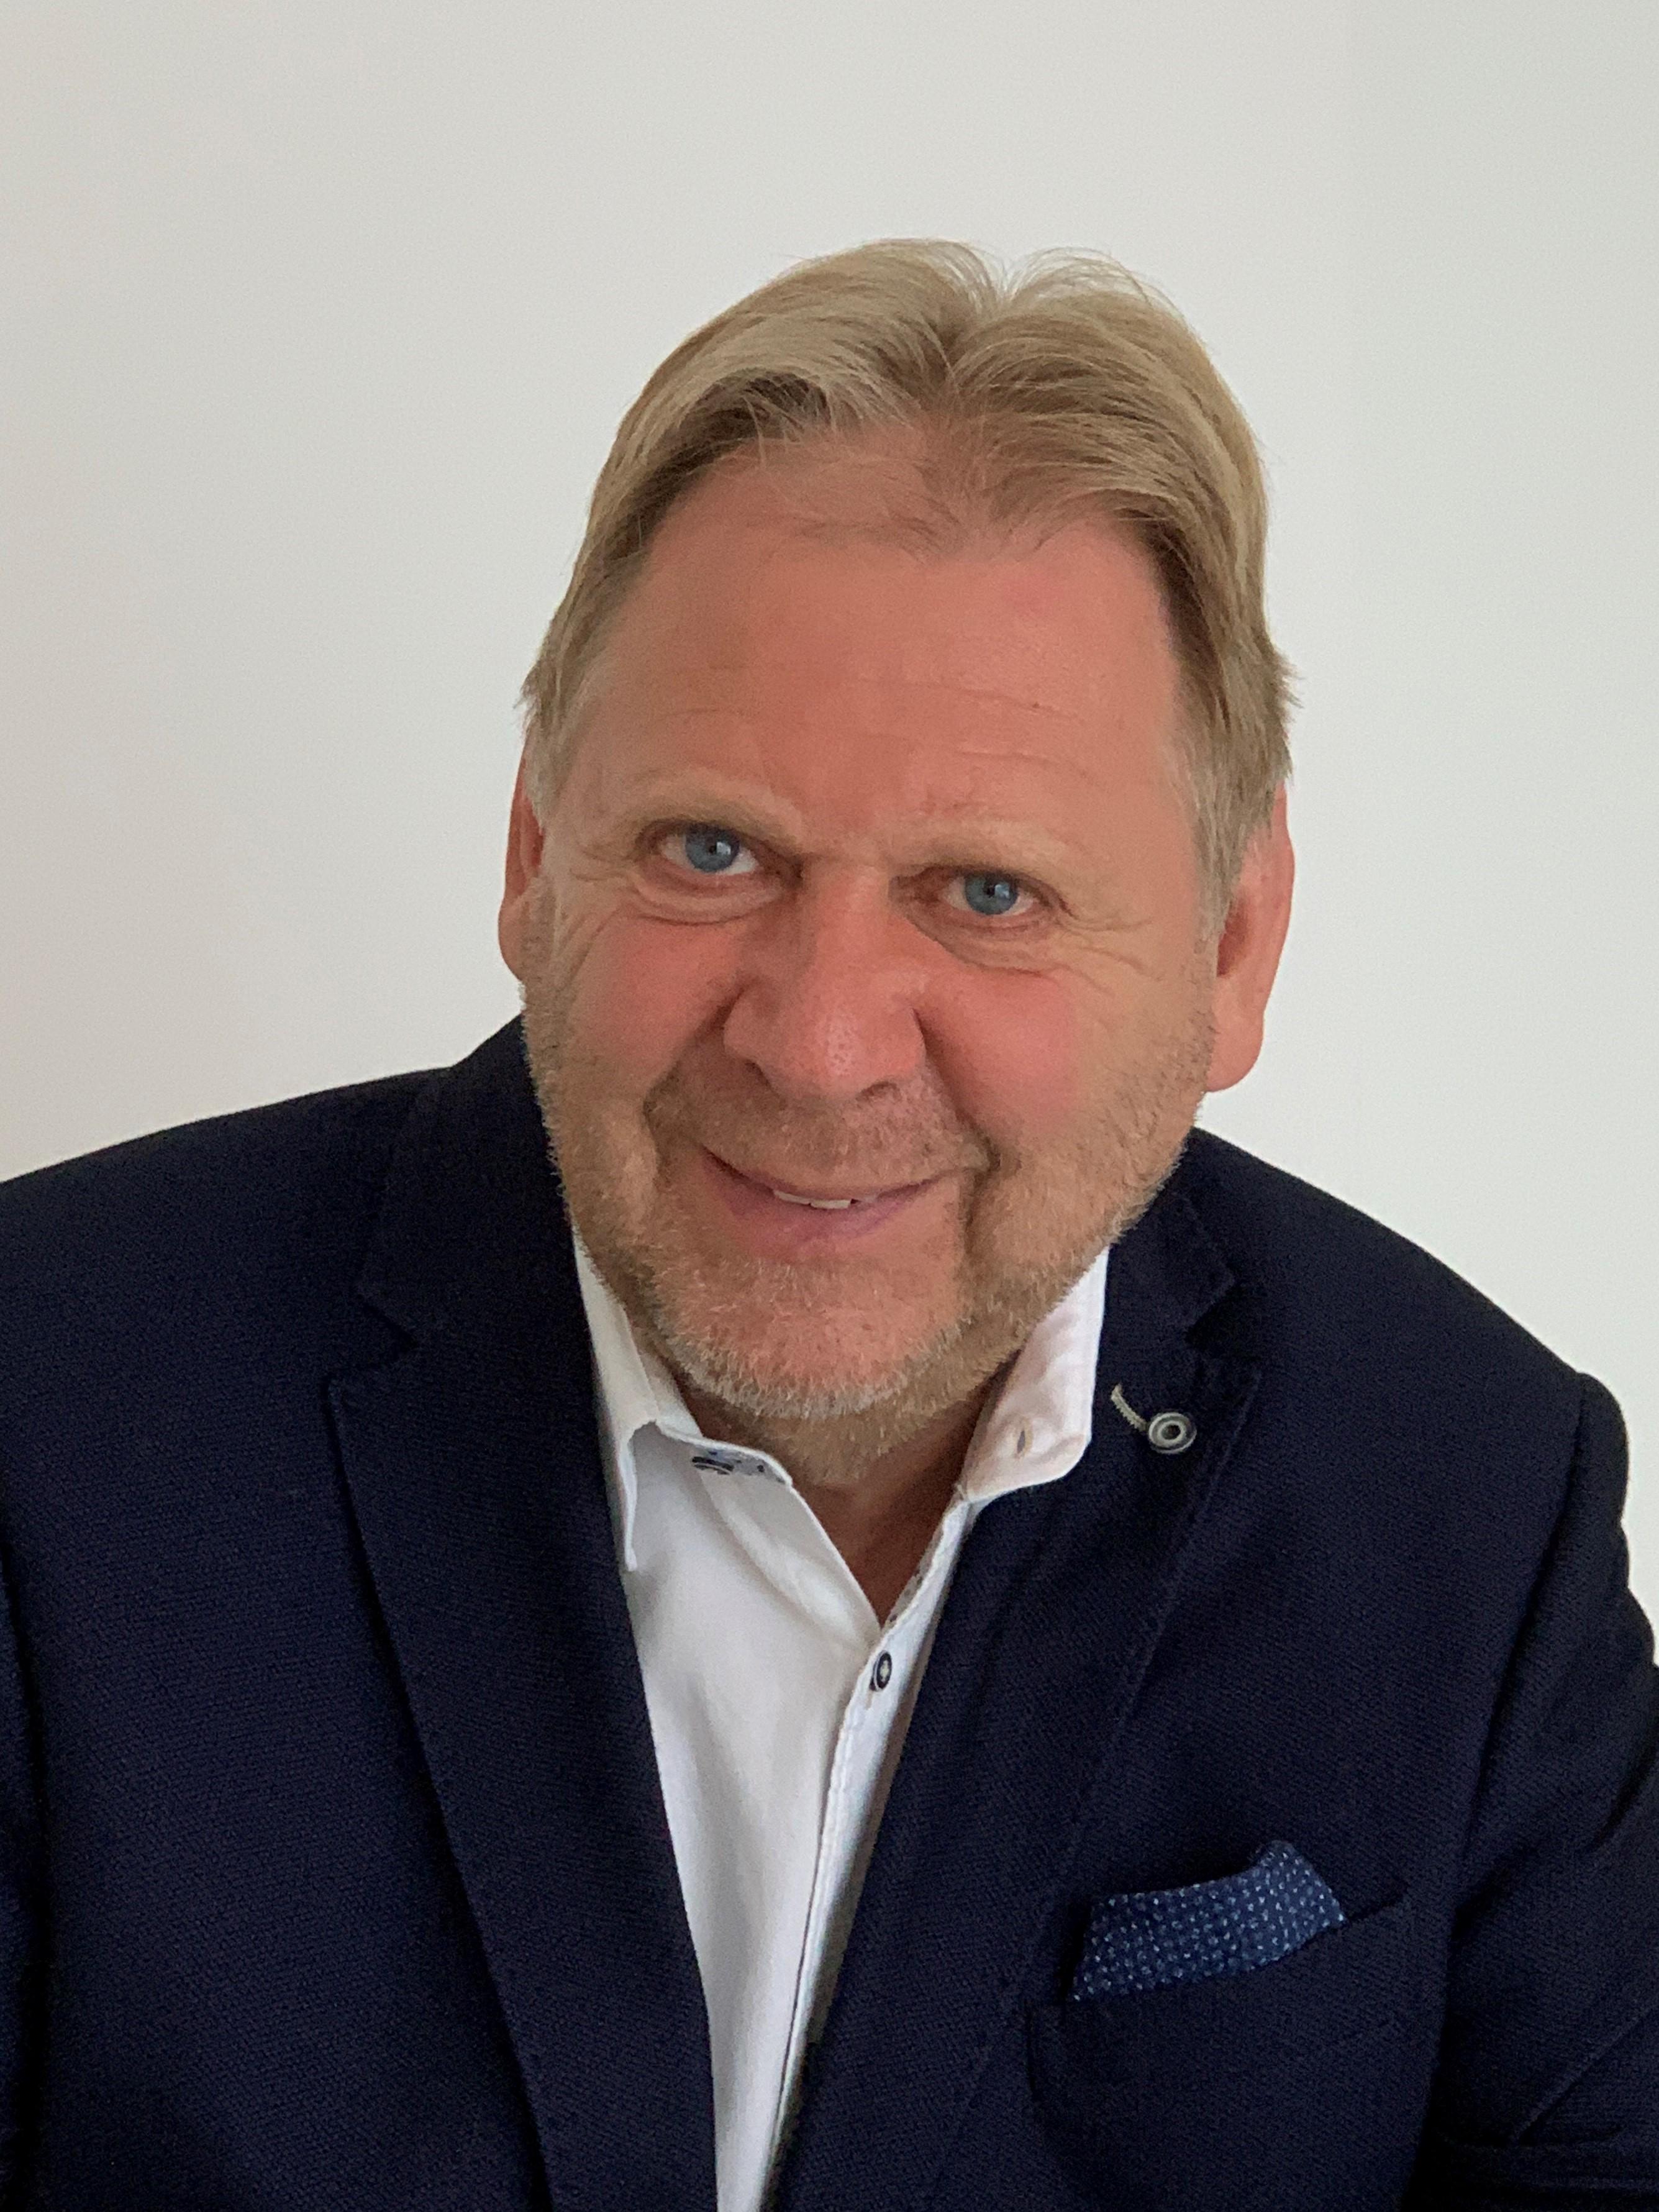 https://www.kwg-helmstedt.de/media/GFJohann_2020.jpg